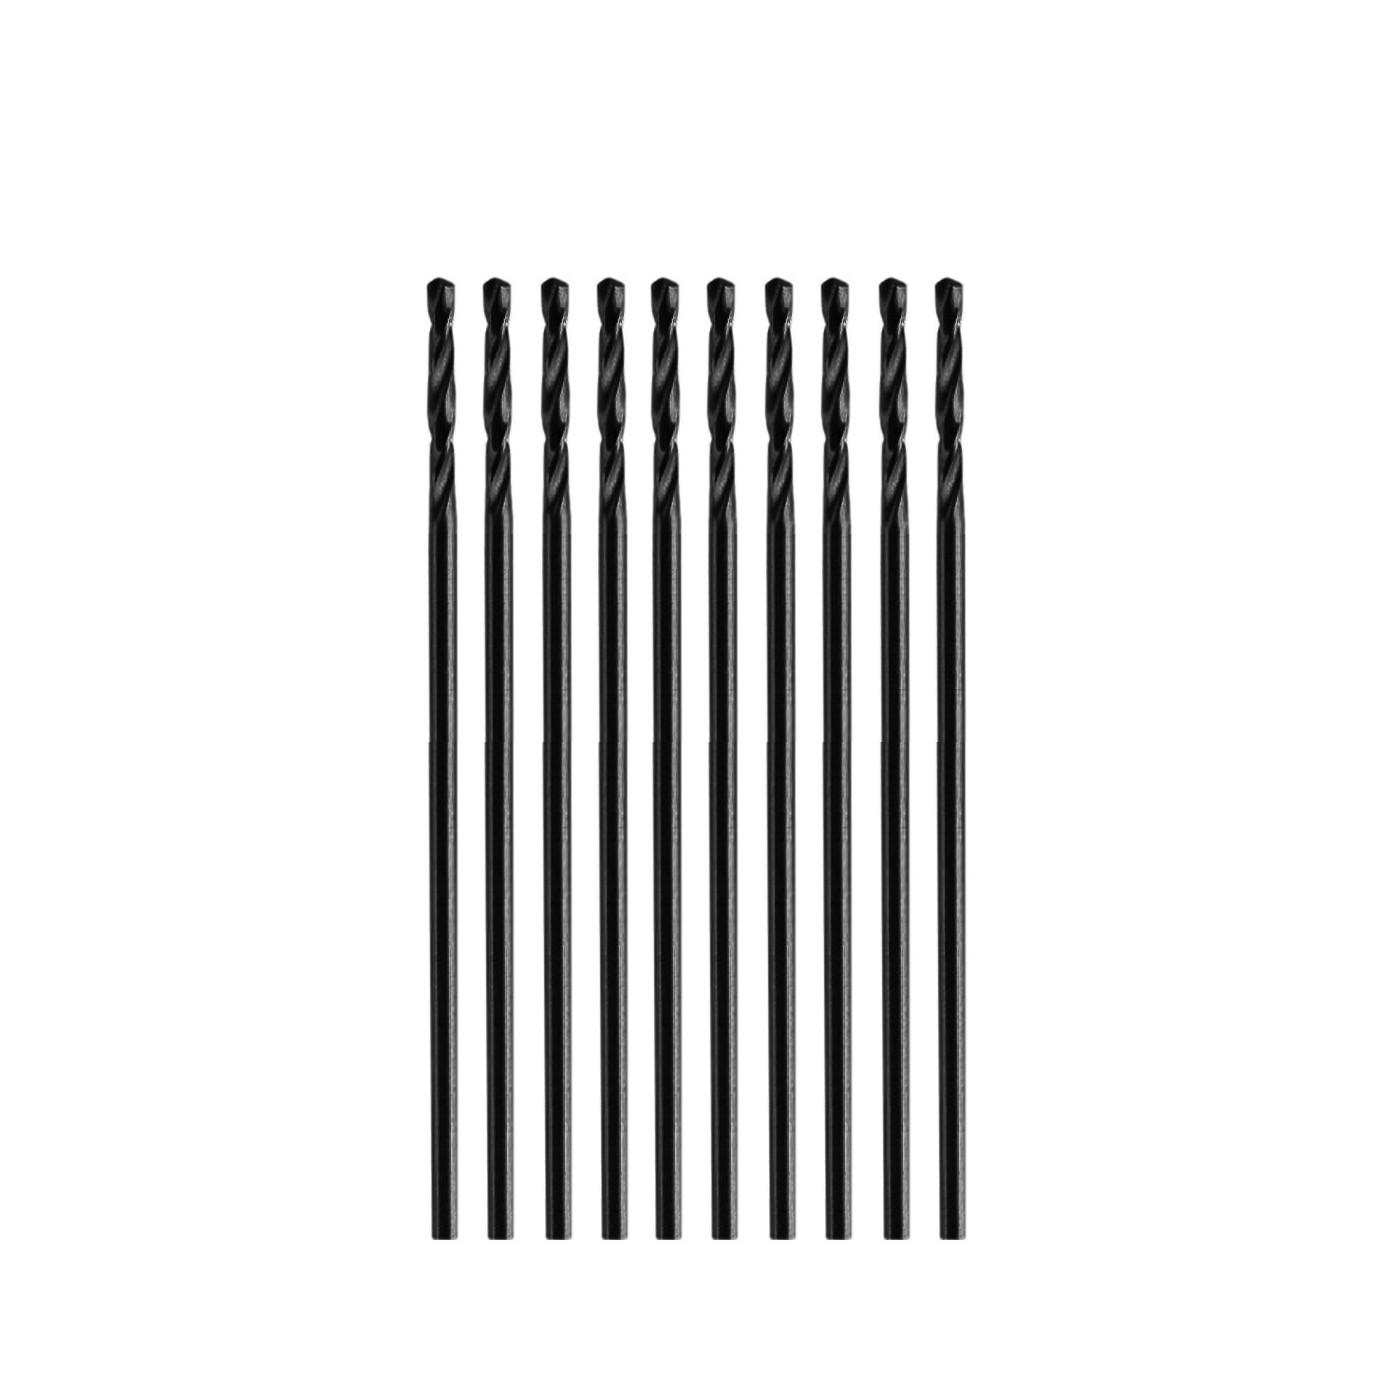 Set von 10 kleinen Metallbohrern (1,0 x 34 mm, HSS-R)  - 1